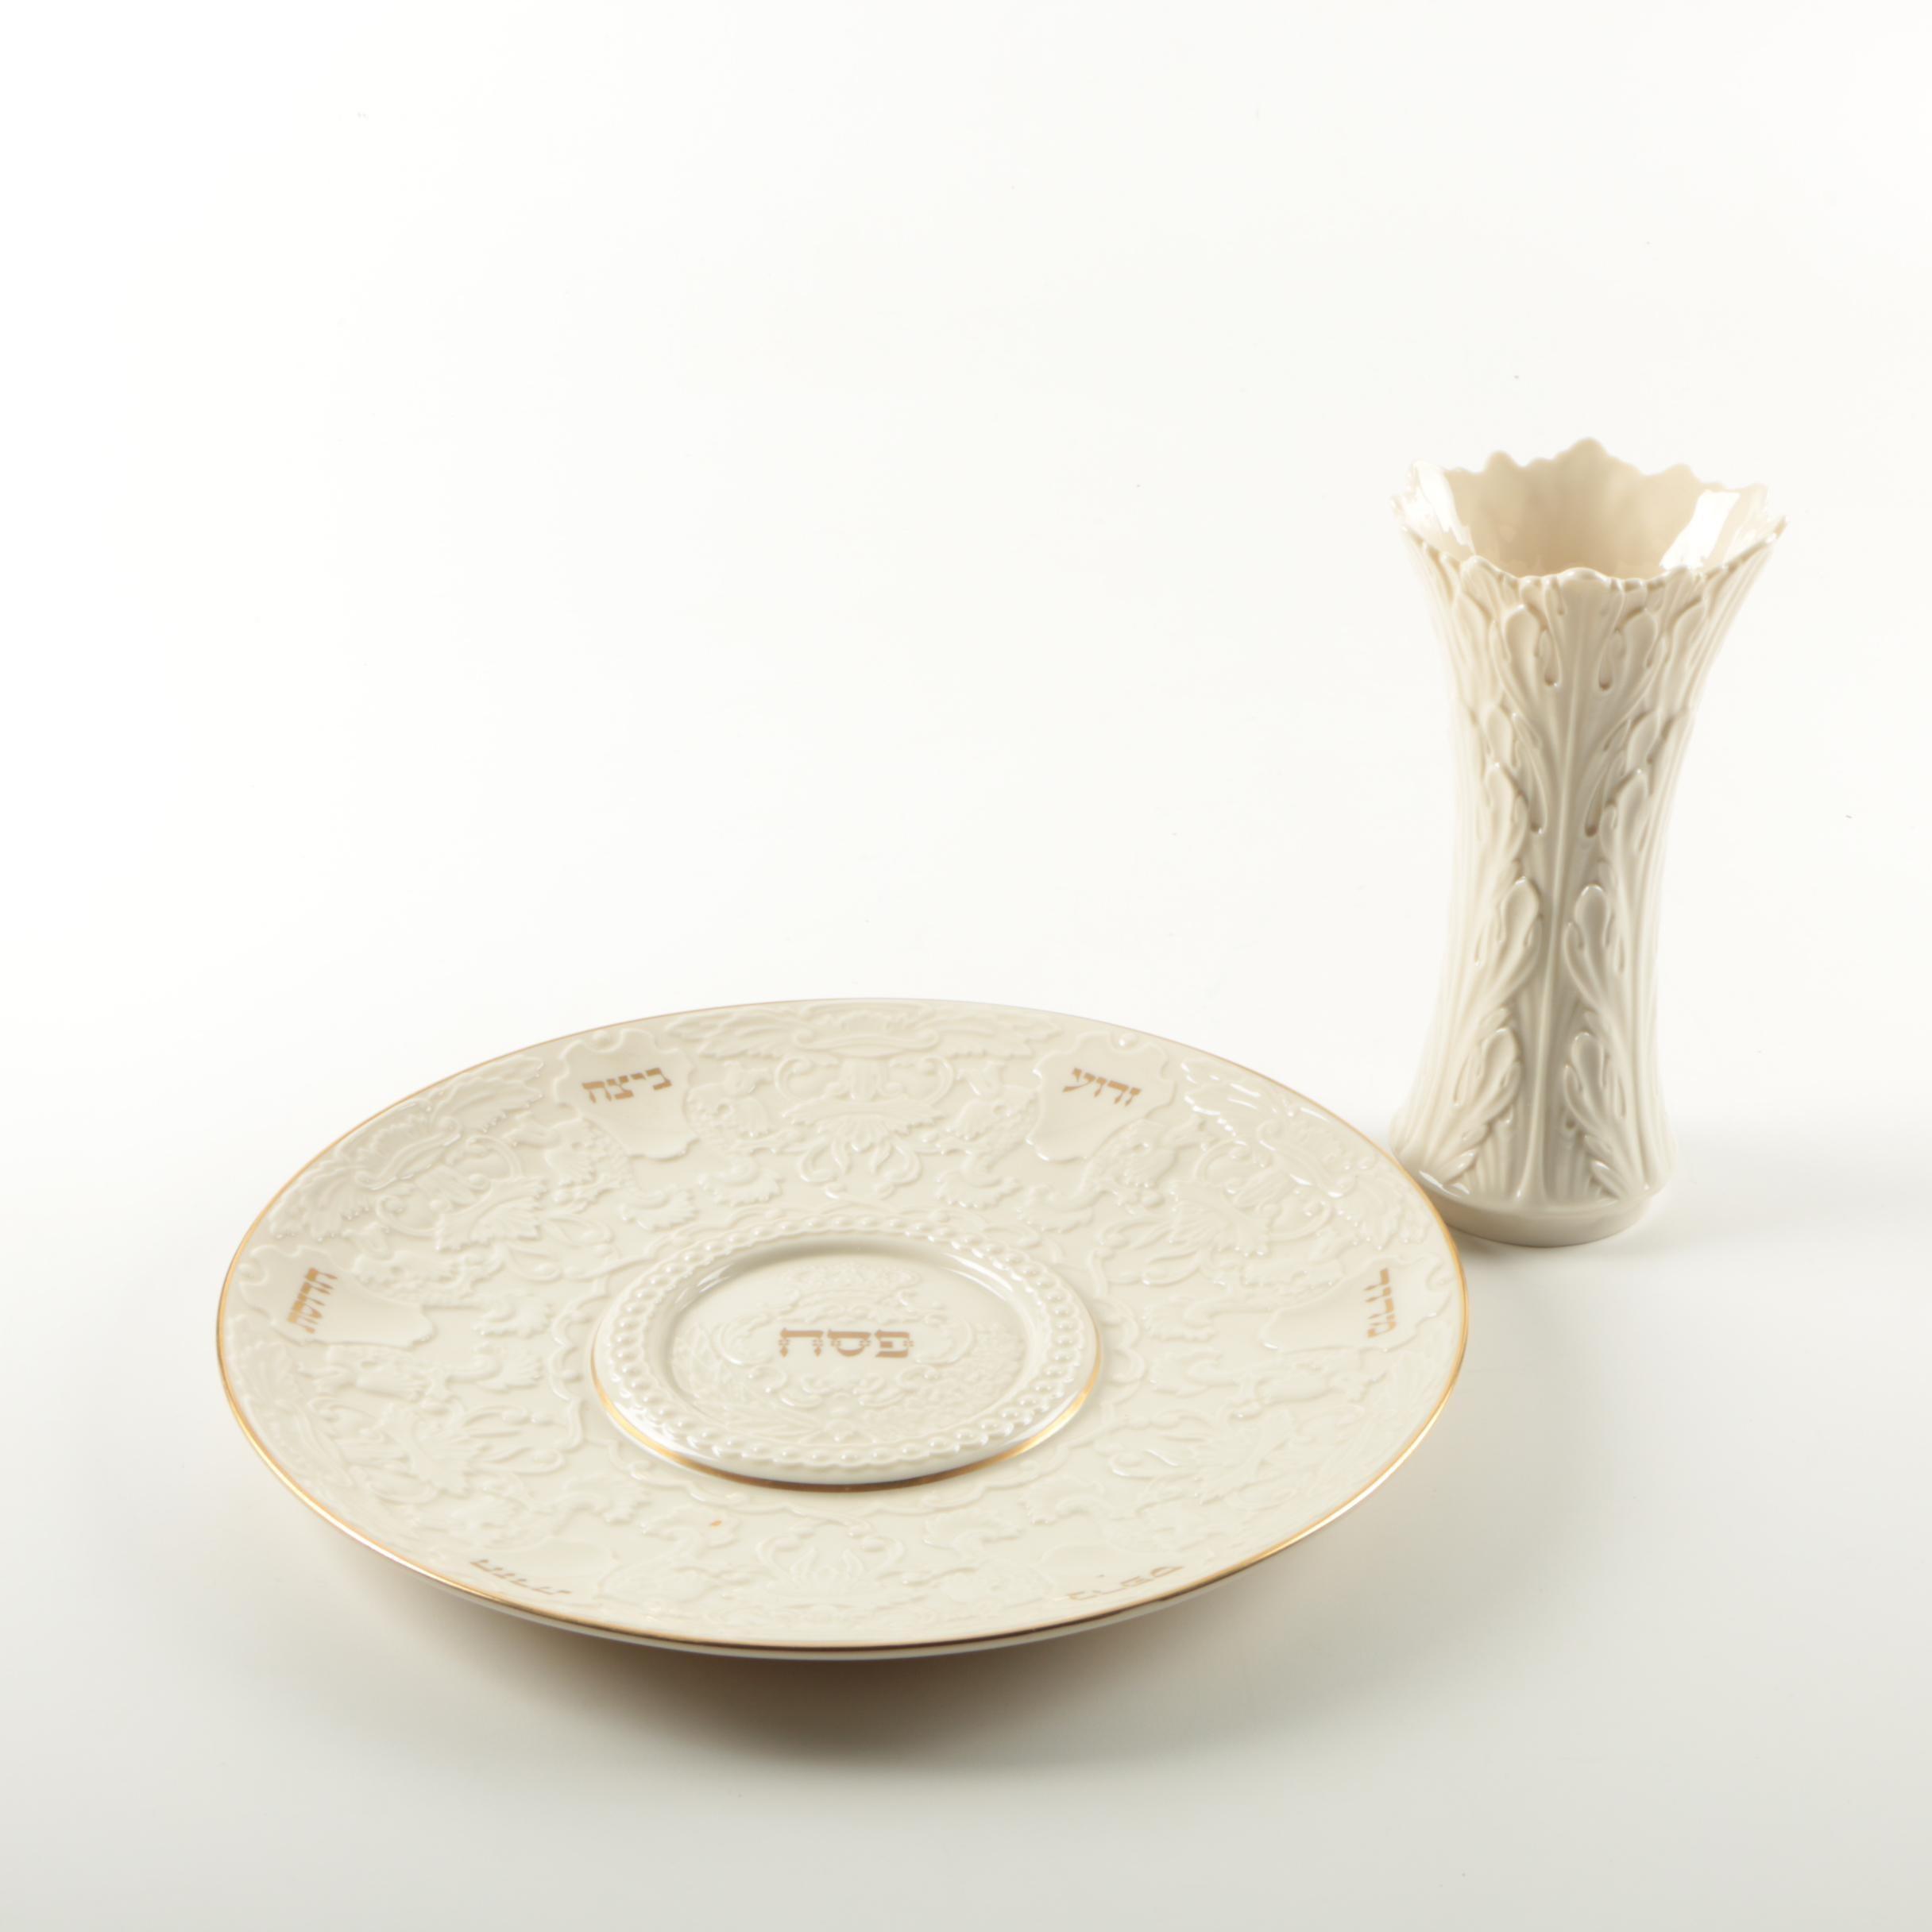 Lenox Seder Plate and Lenox Vase